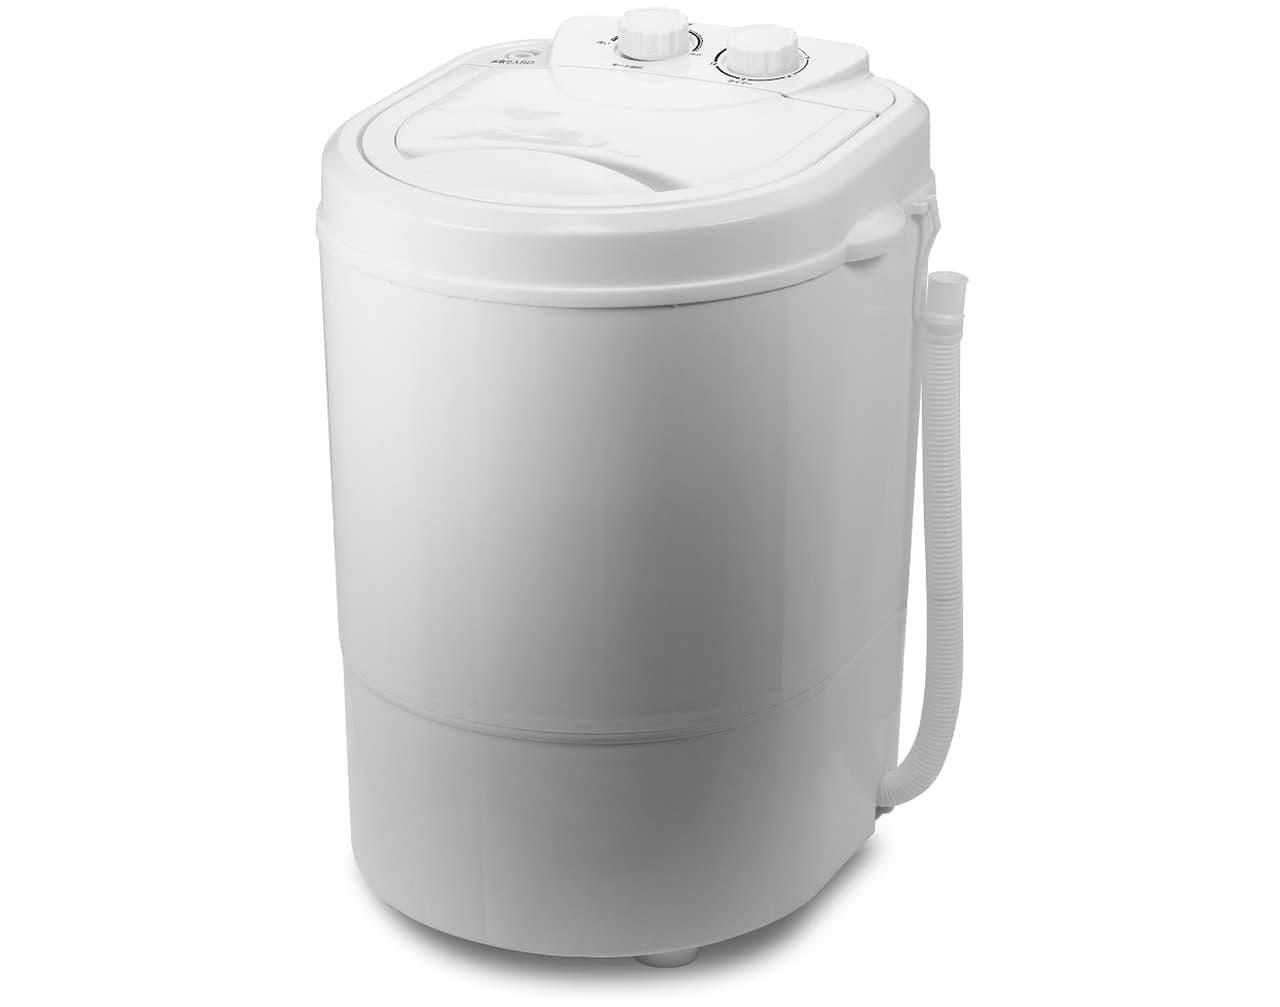 スニーカーを洗える洗濯機 ROOMMATEの洗いブラシ付きポータブル洗濯機 発売!